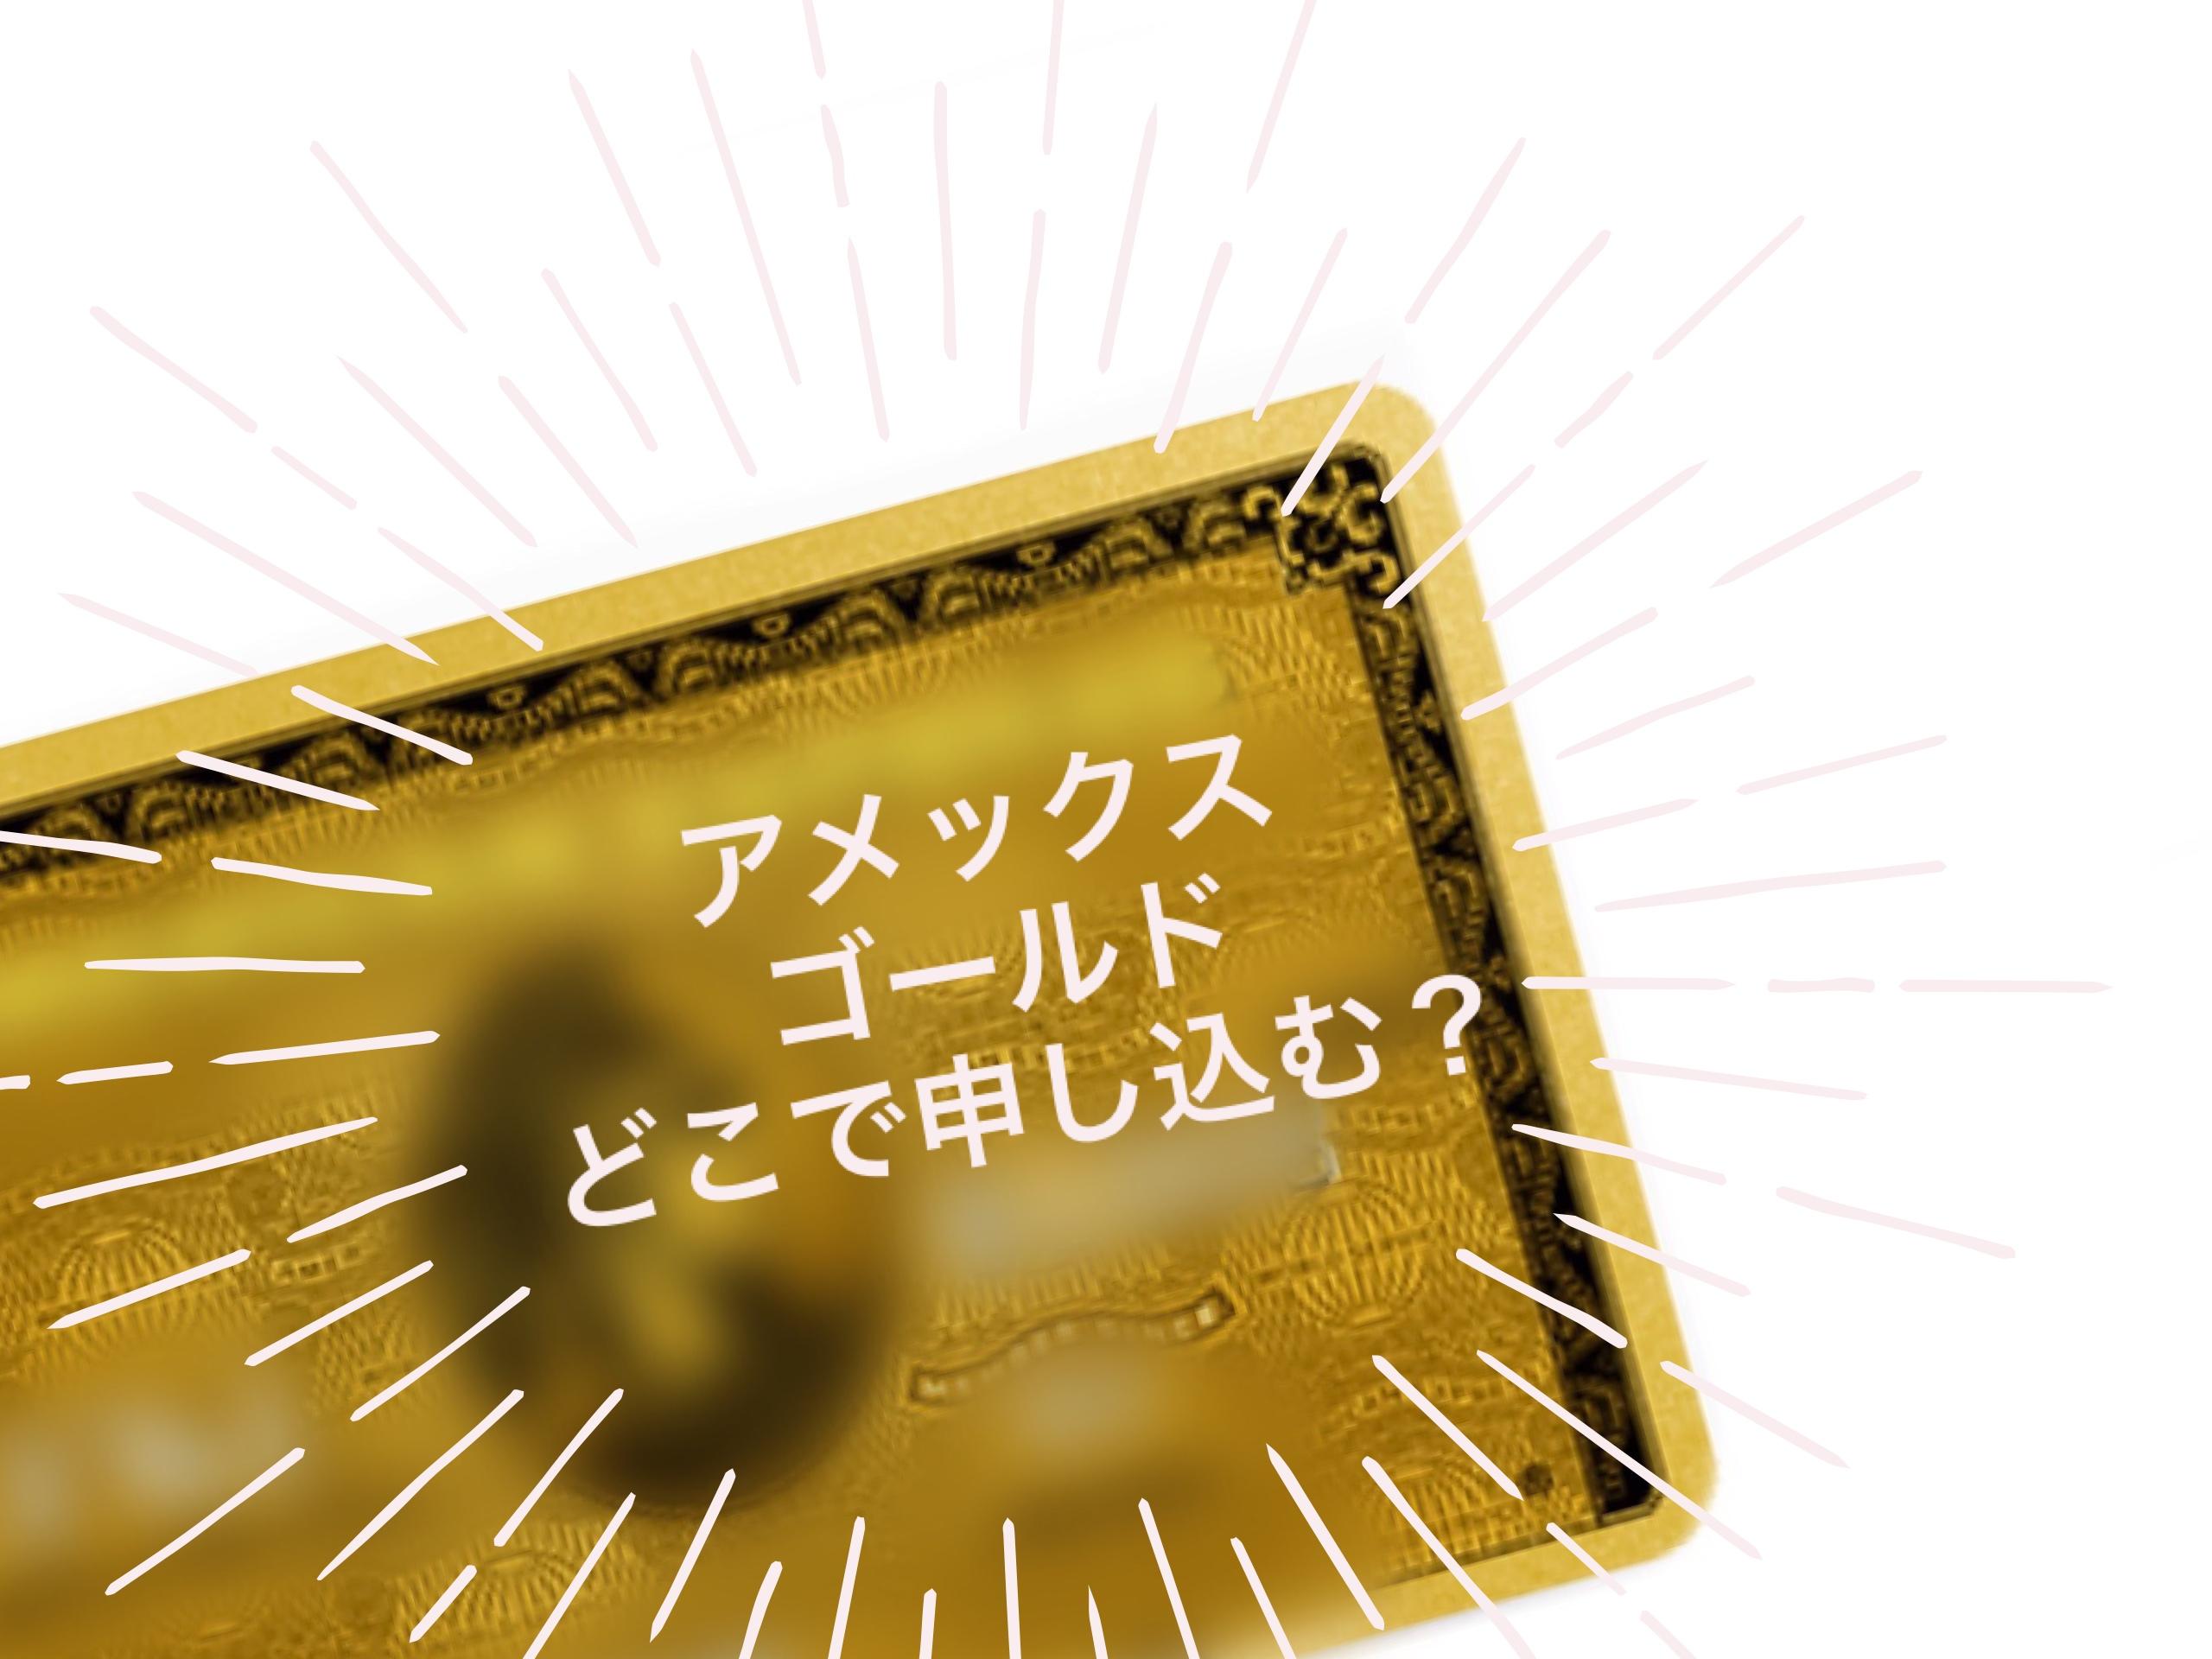 アメックスゴールドの入会キャンペーン3種類を徹底比較!最大6万ポイントもらえる!